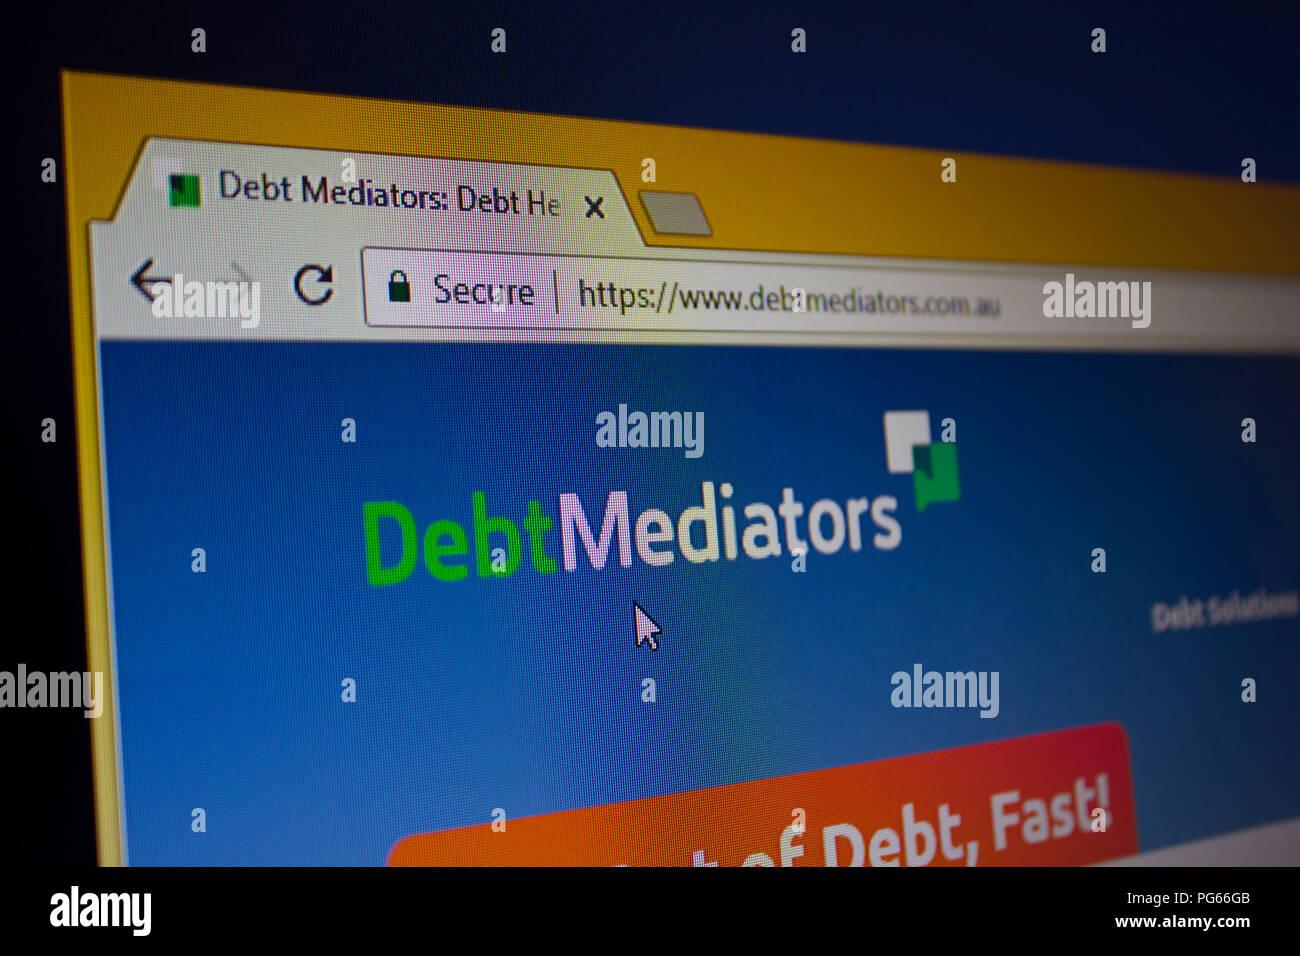 Debt Mediators Website homepage - Stock Image